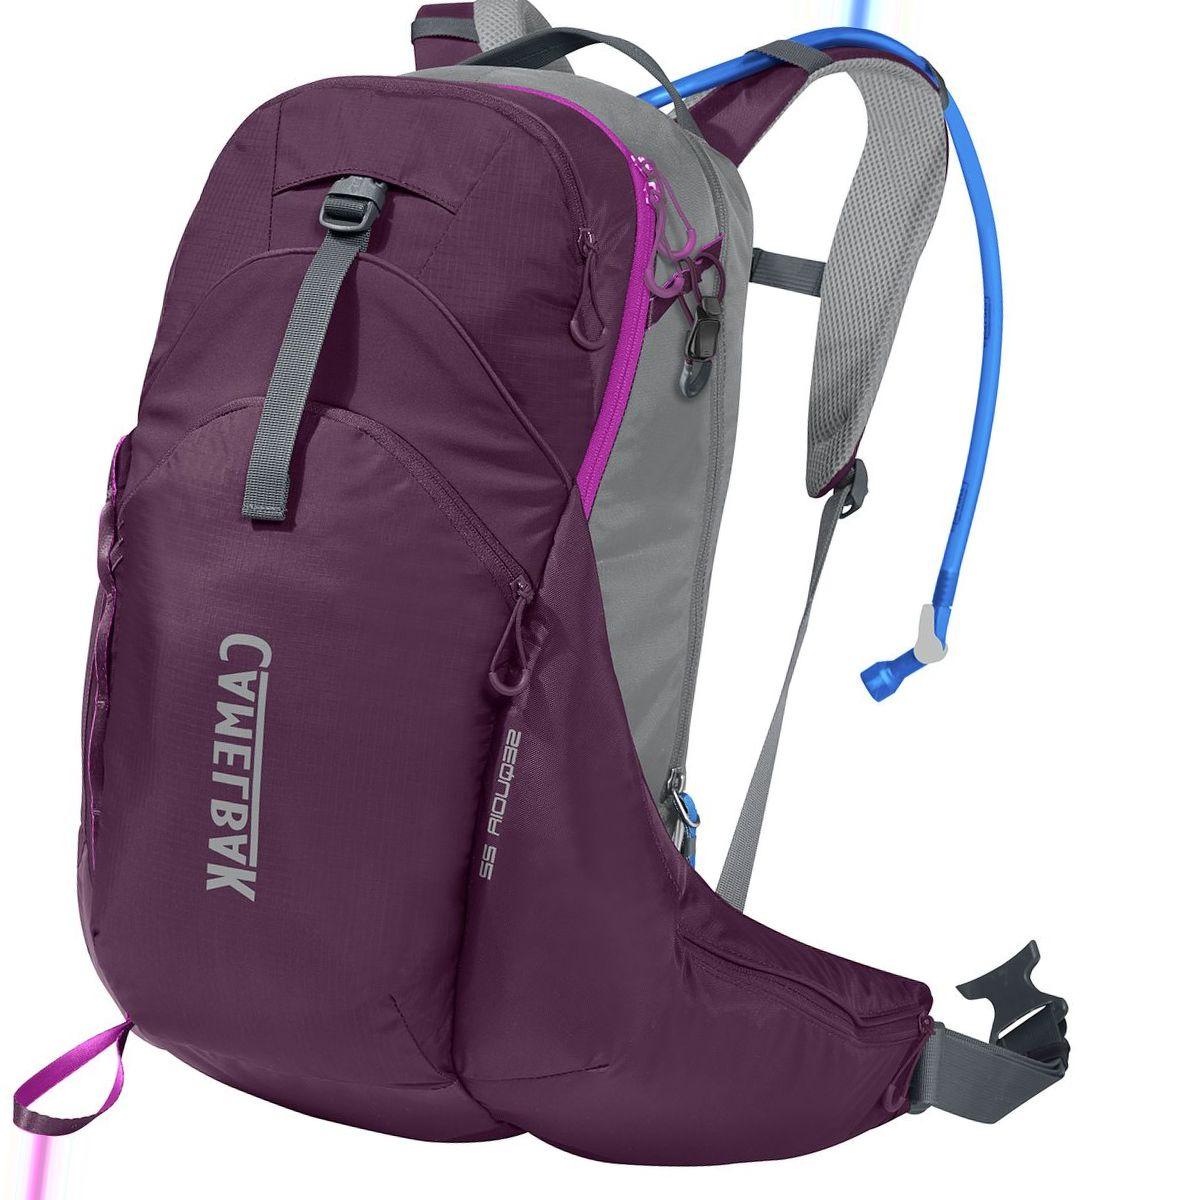 CamelBak Sequoia 22L Backpack - Women's